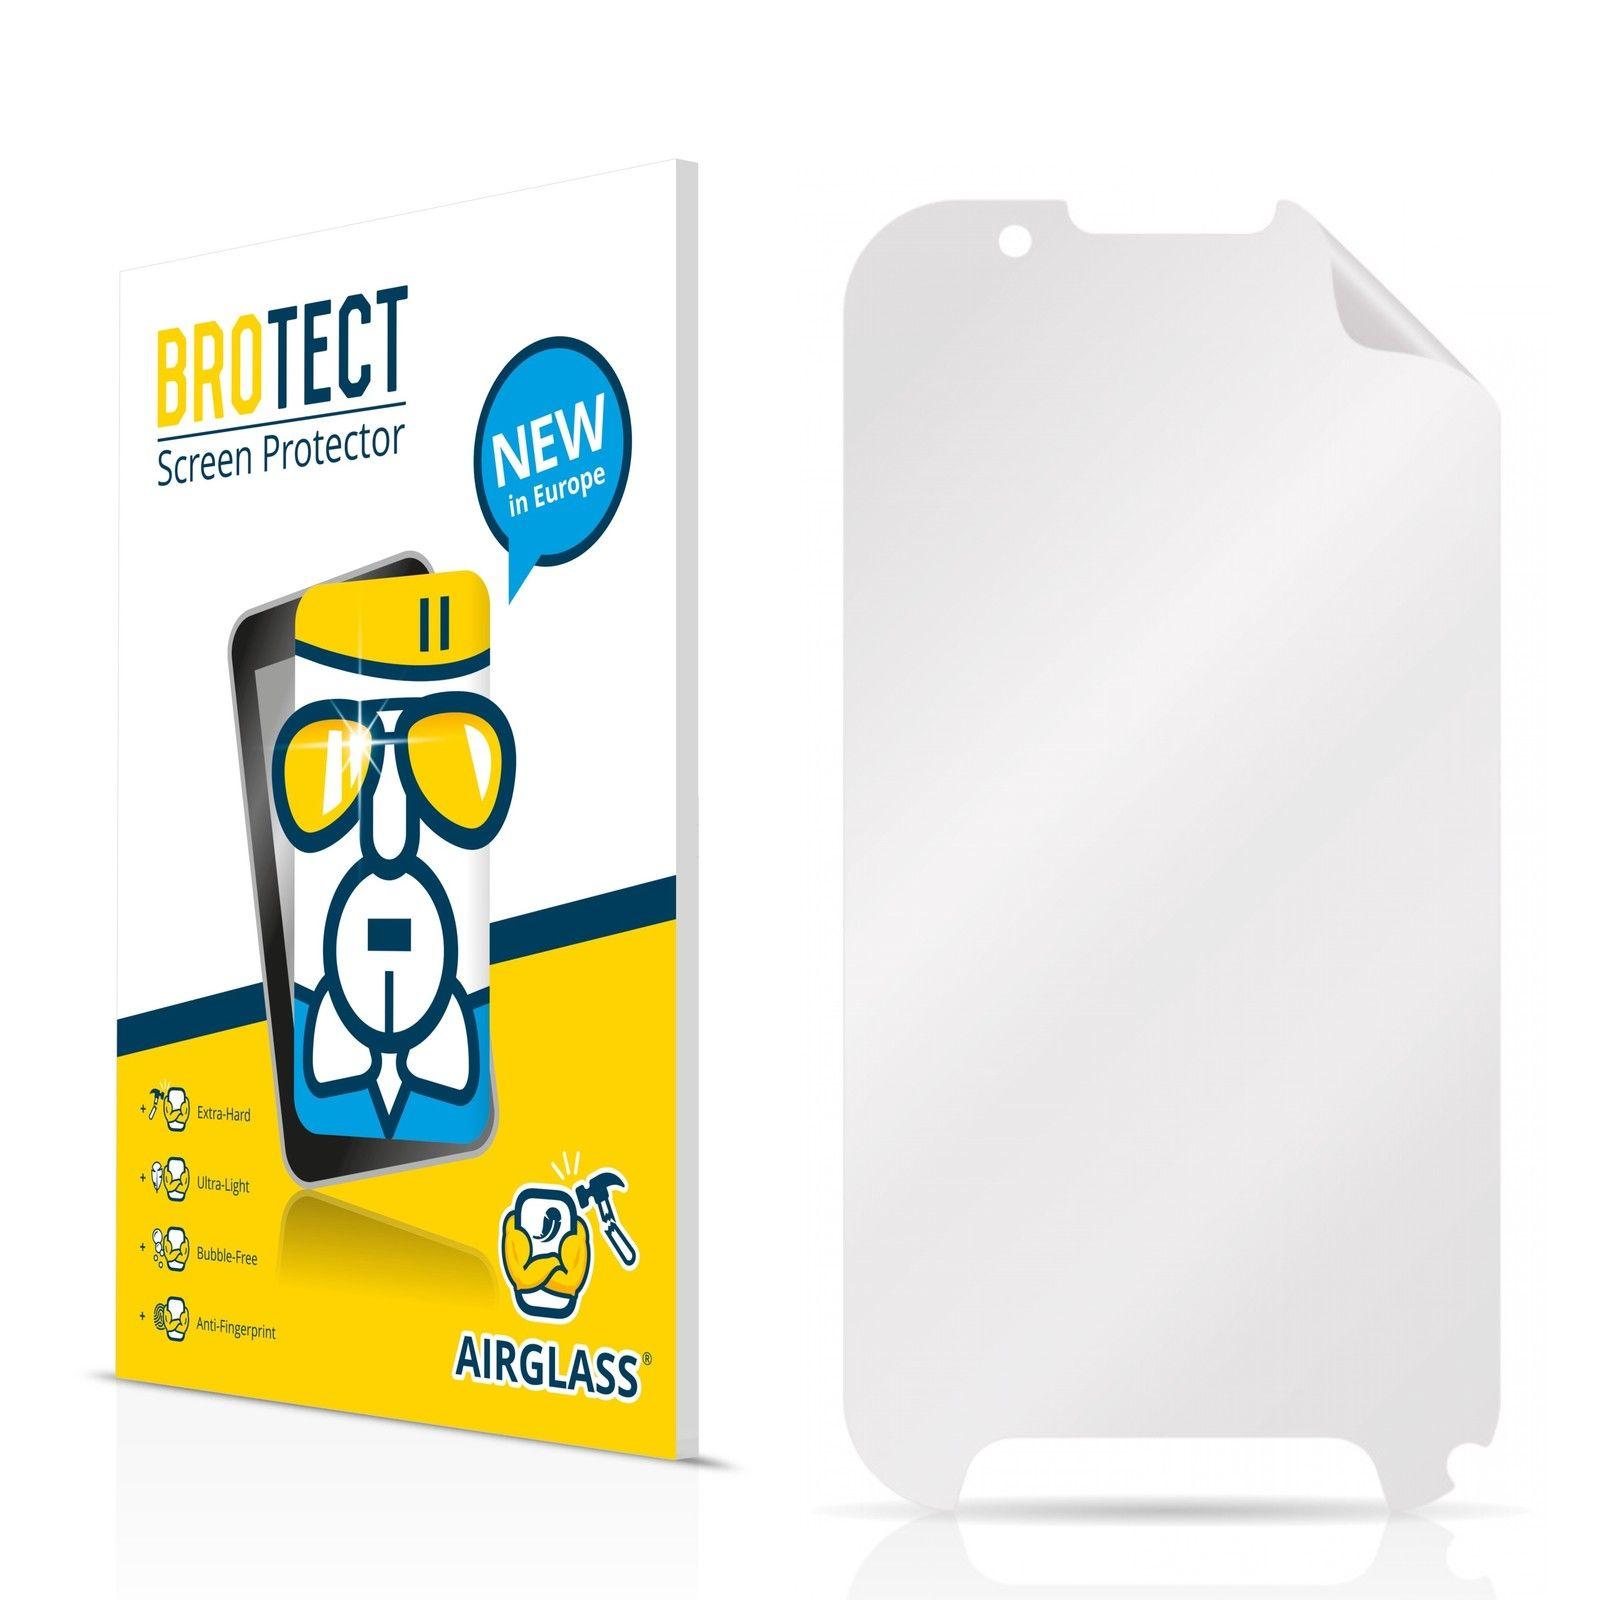 Extra tvrzená ochranná fólie (tvrzené sklo) AirGlass Brotec na LCD pro Evolveo StrongPhone D2